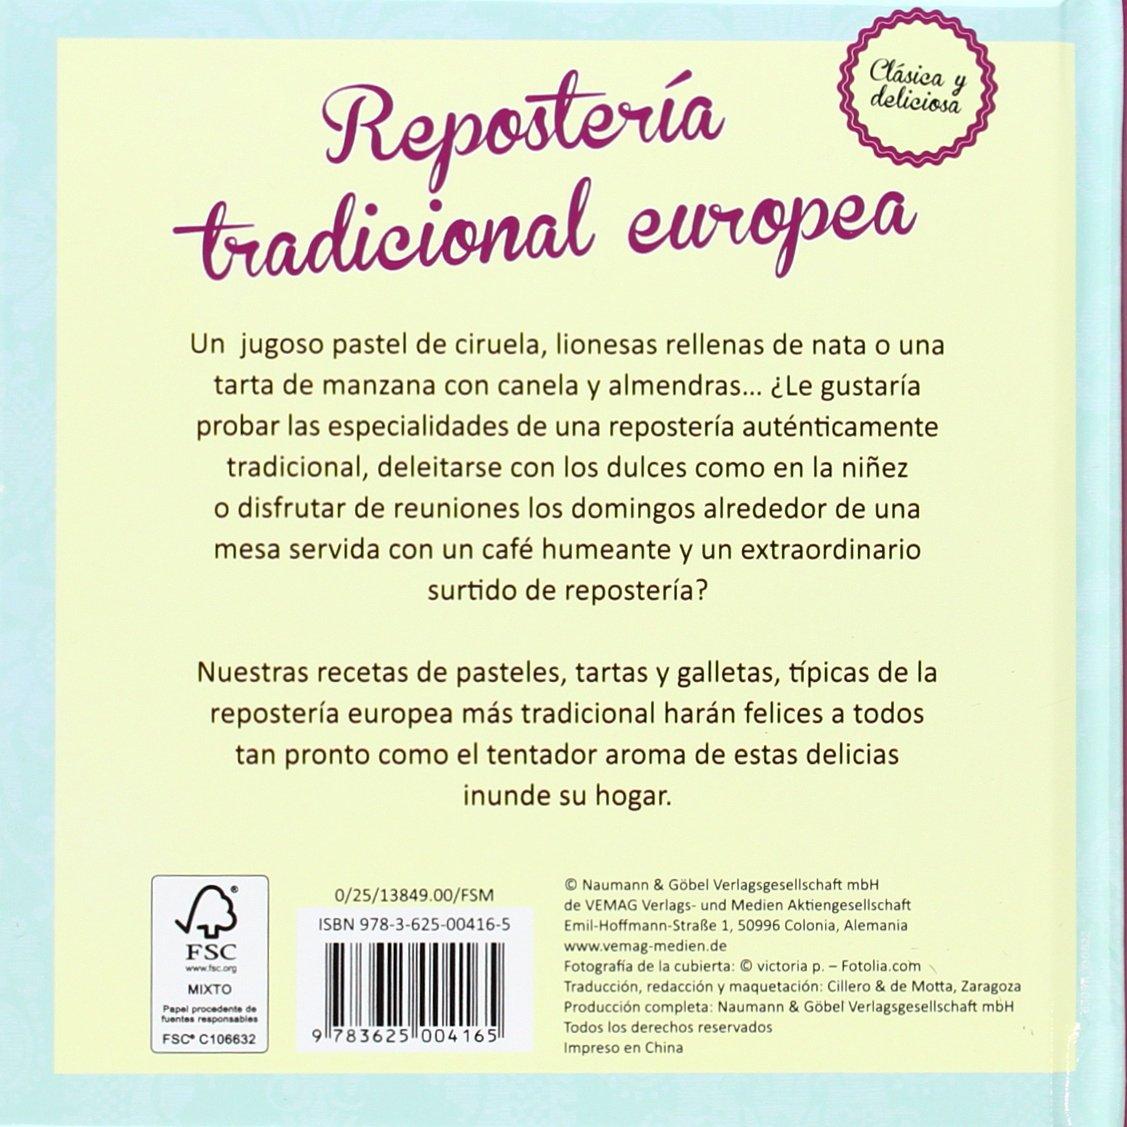 Repostería tradicional europea: Clásica y deliciosa: Amazon.es: Vv.Aa.: Libros